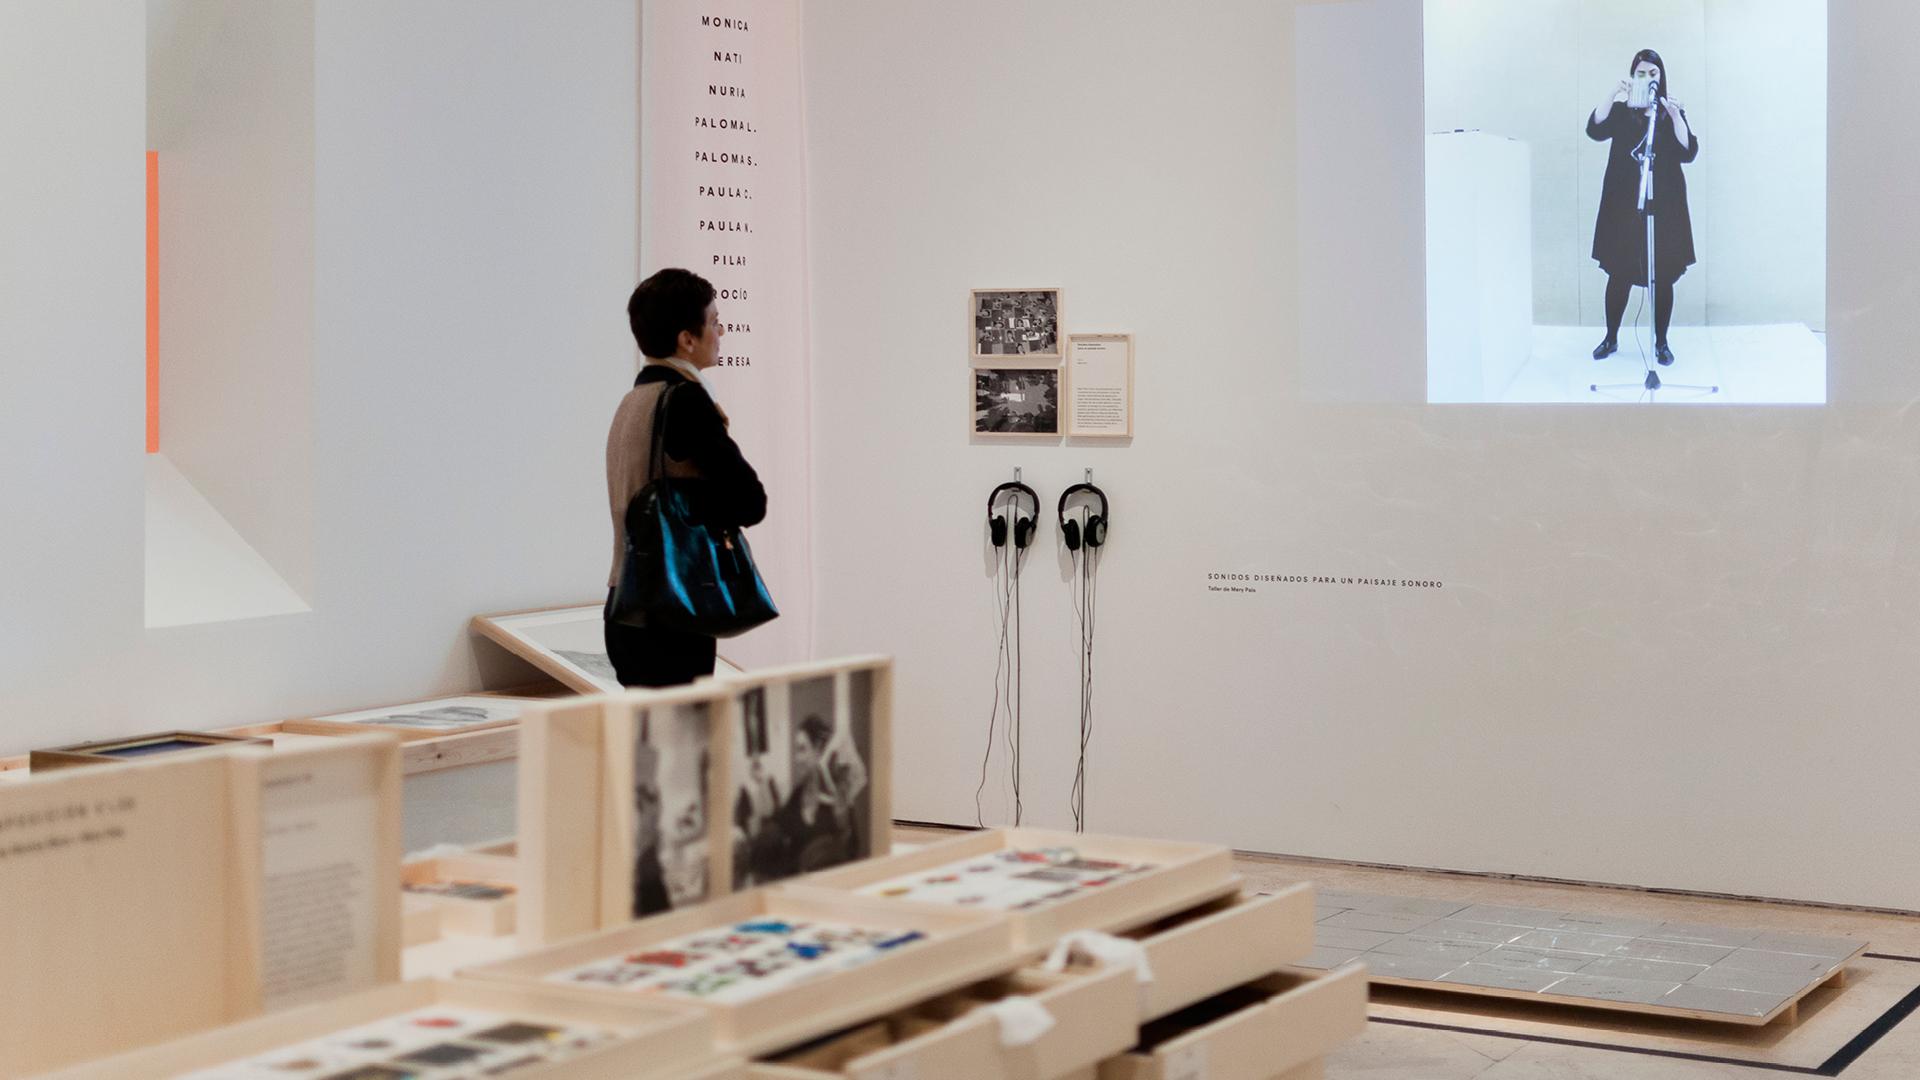 SLIDE-1920X1080-20170223-El_Espacio_de_la_memoria-Museo_Thyssen-MonicaMura©12